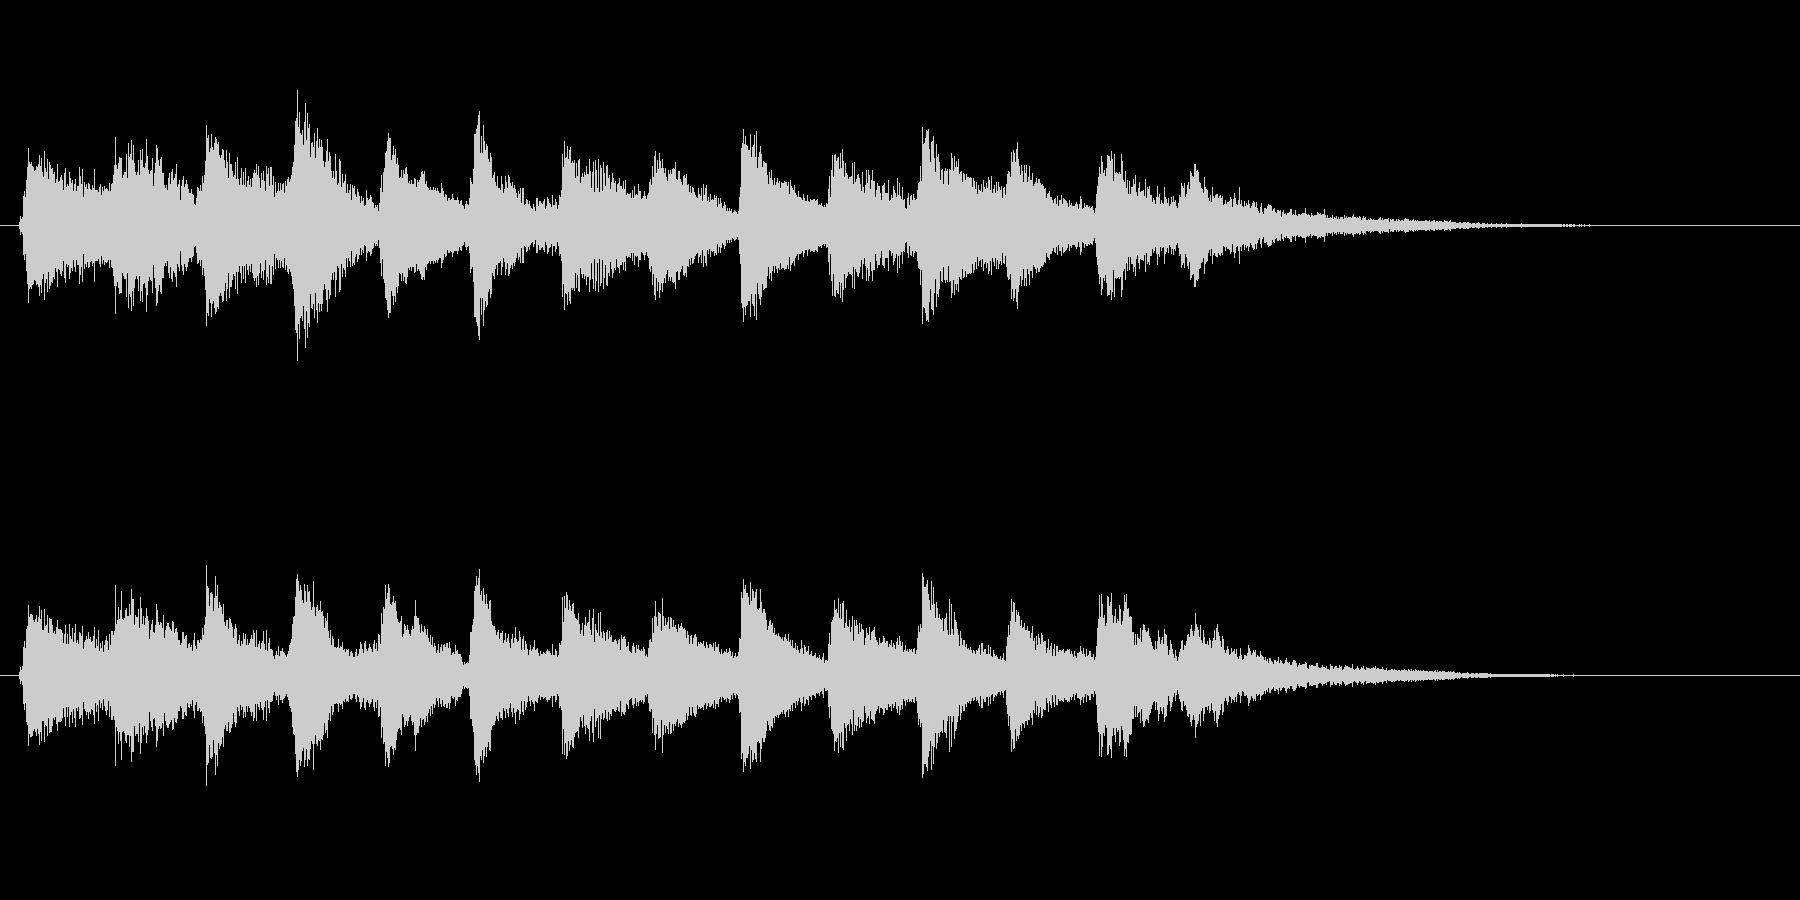 企業ロゴ表示用サウンドロゴ2(和風)の未再生の波形